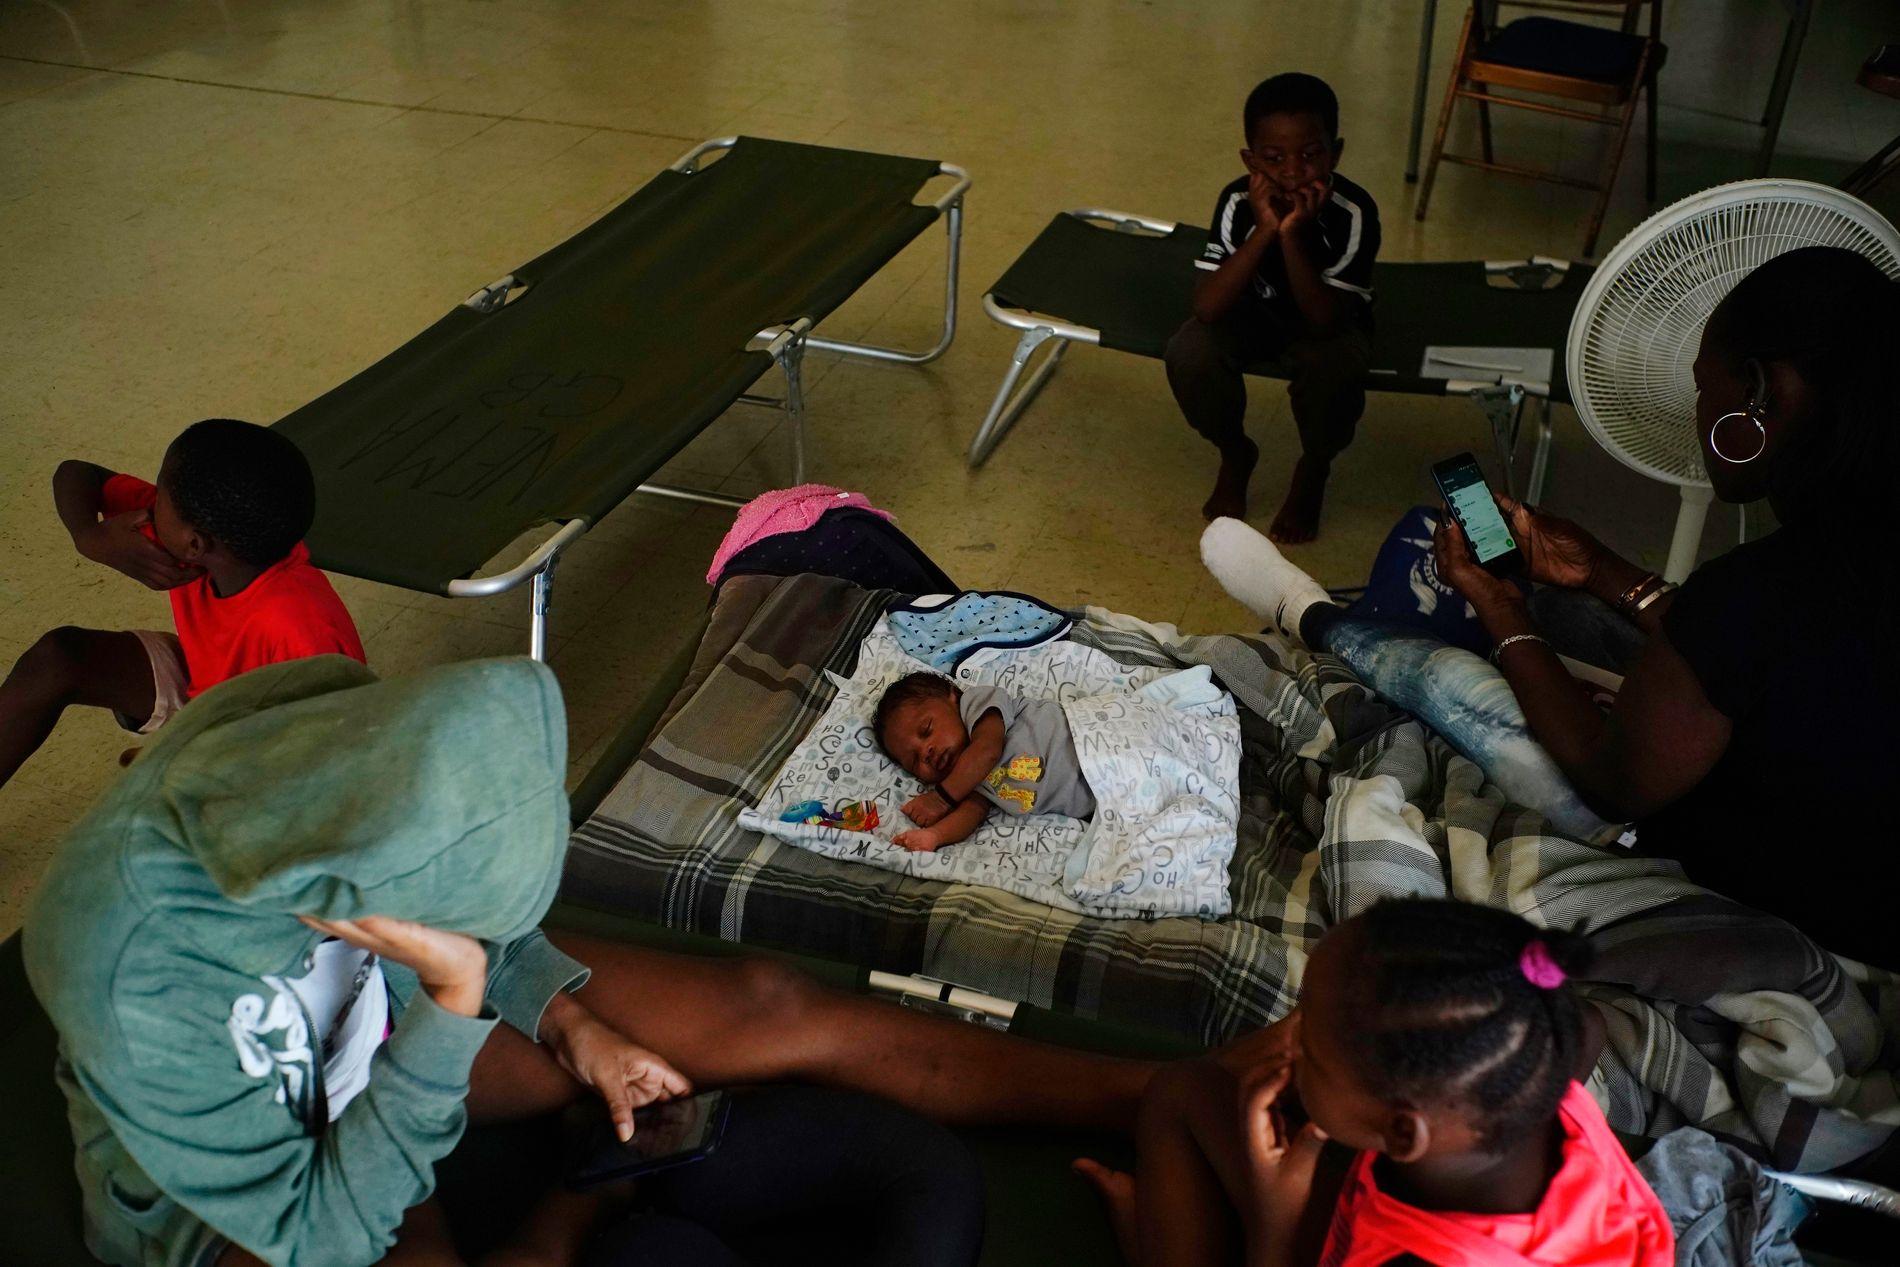 EVAKUERT: Innbyggere har blitt evakuert til en kirke som er opprettet som tilfluktsrom etter at orkanen Dorian traff Bahamas søndag.